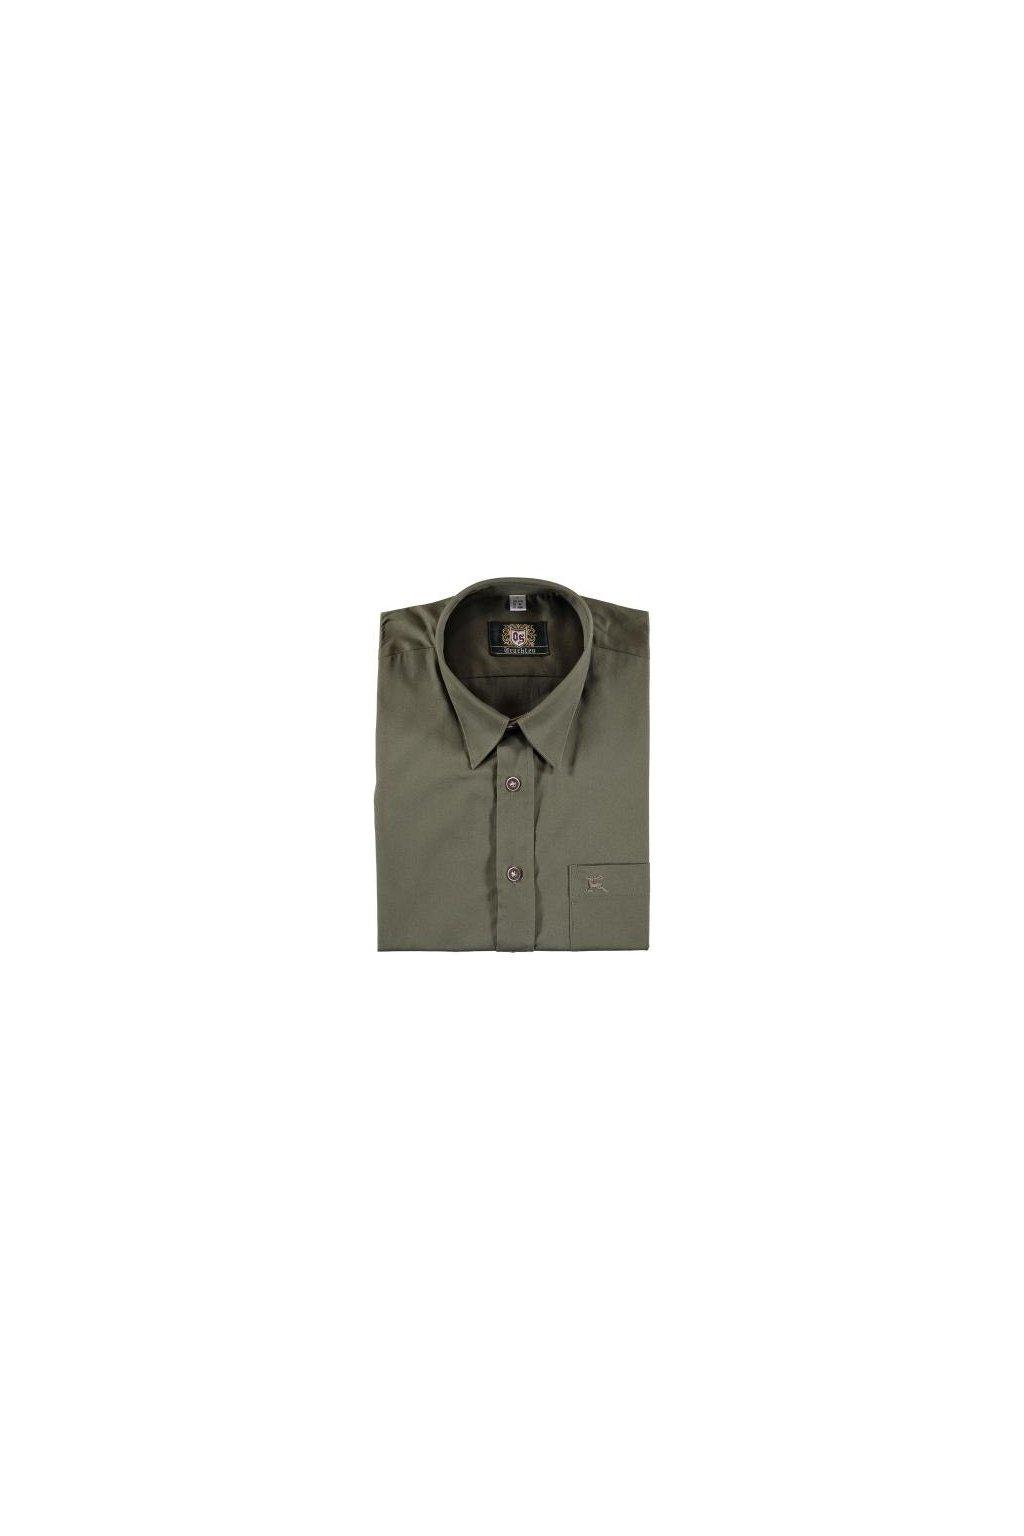 Orbis - košile pánská klasika zelená 0745